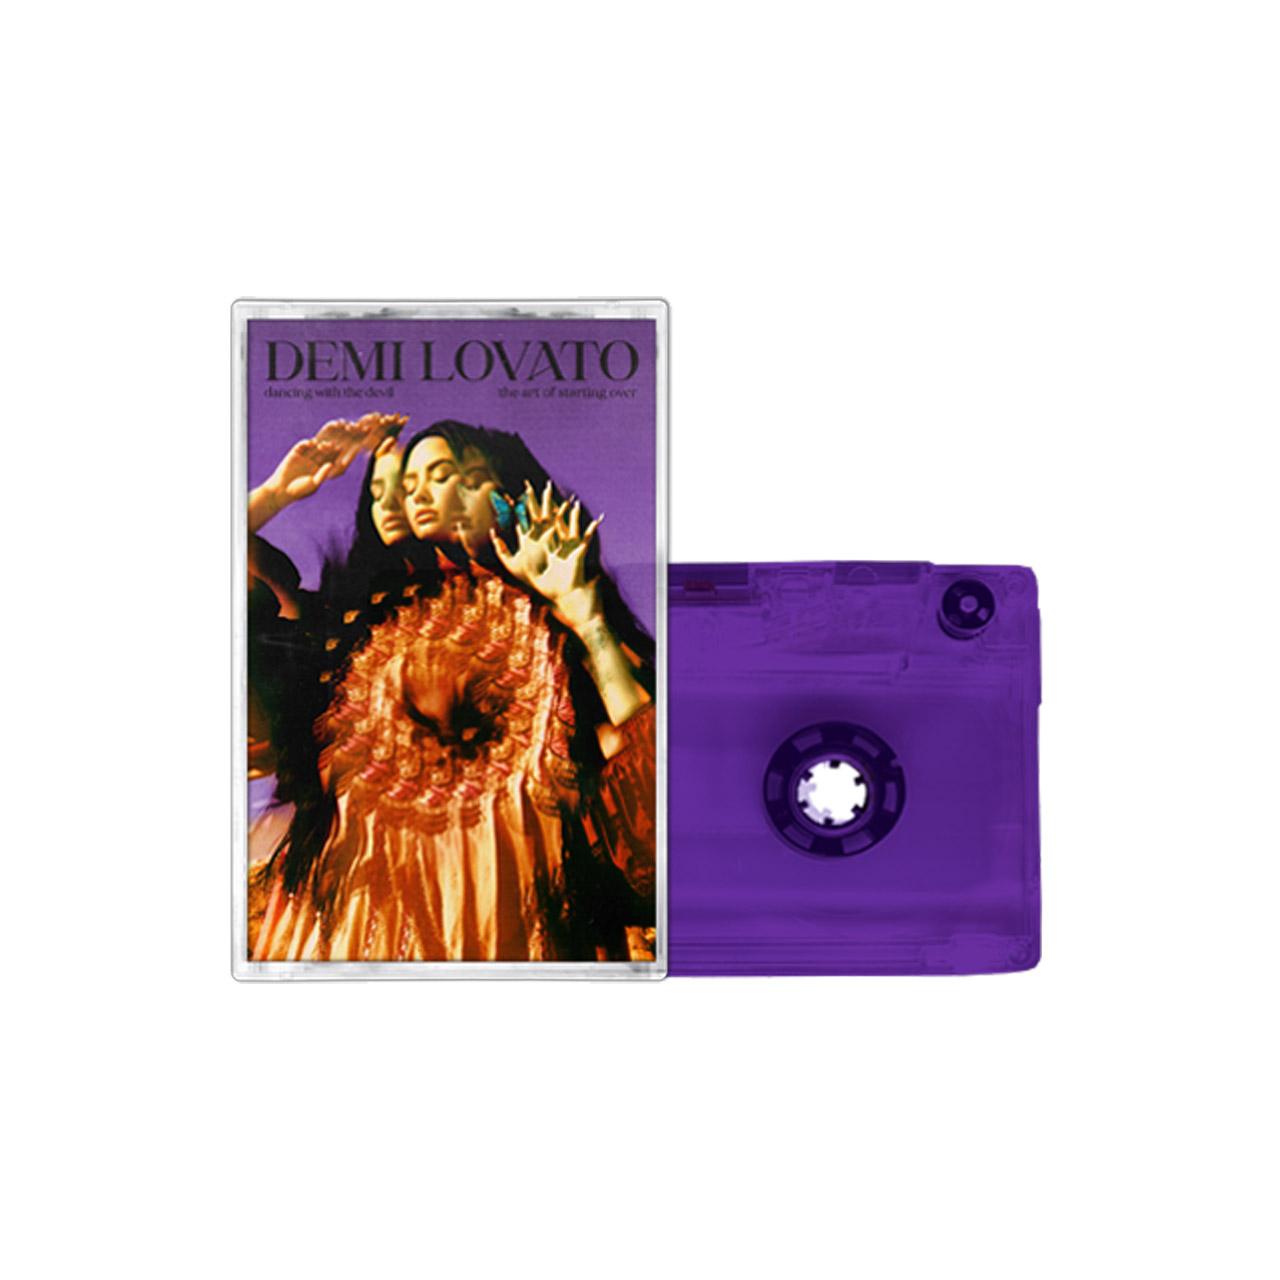 DEMI LOVATO The Art of Starting Over Cassette